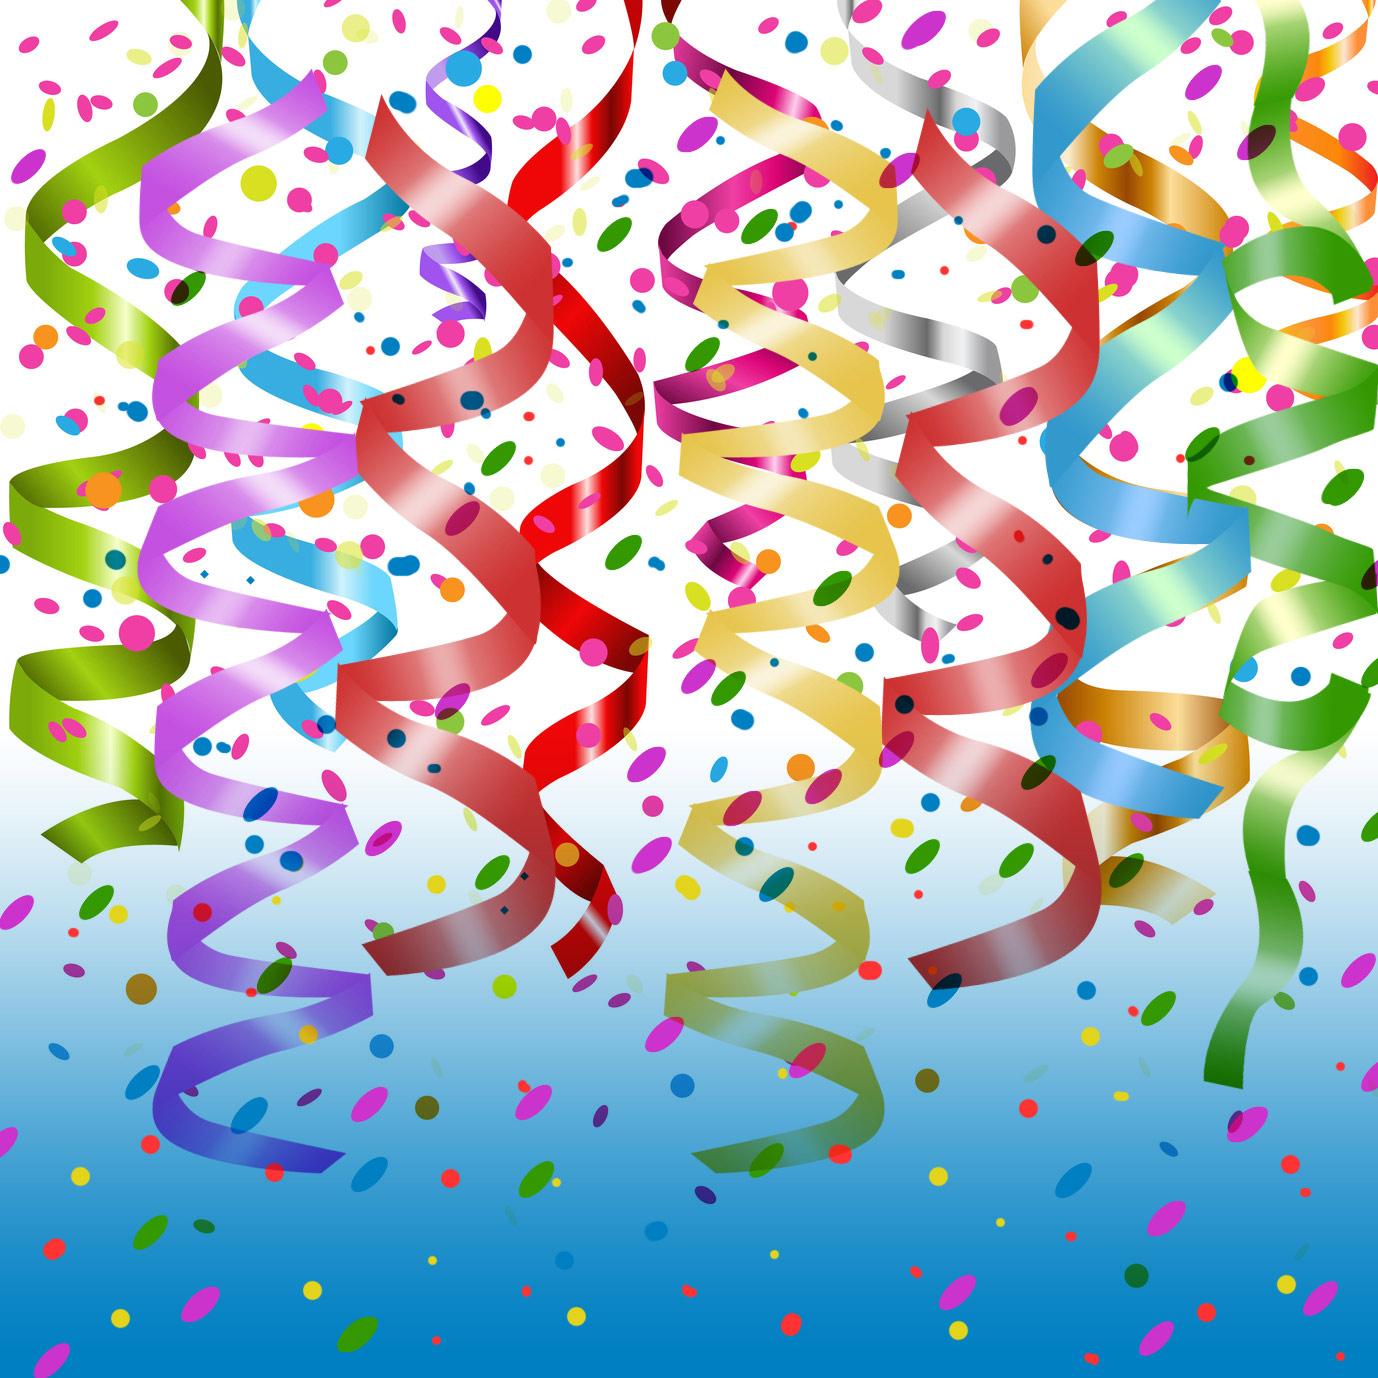 Fotobuch Hintergrundbilder für Geburtstag und Feiern aller Art